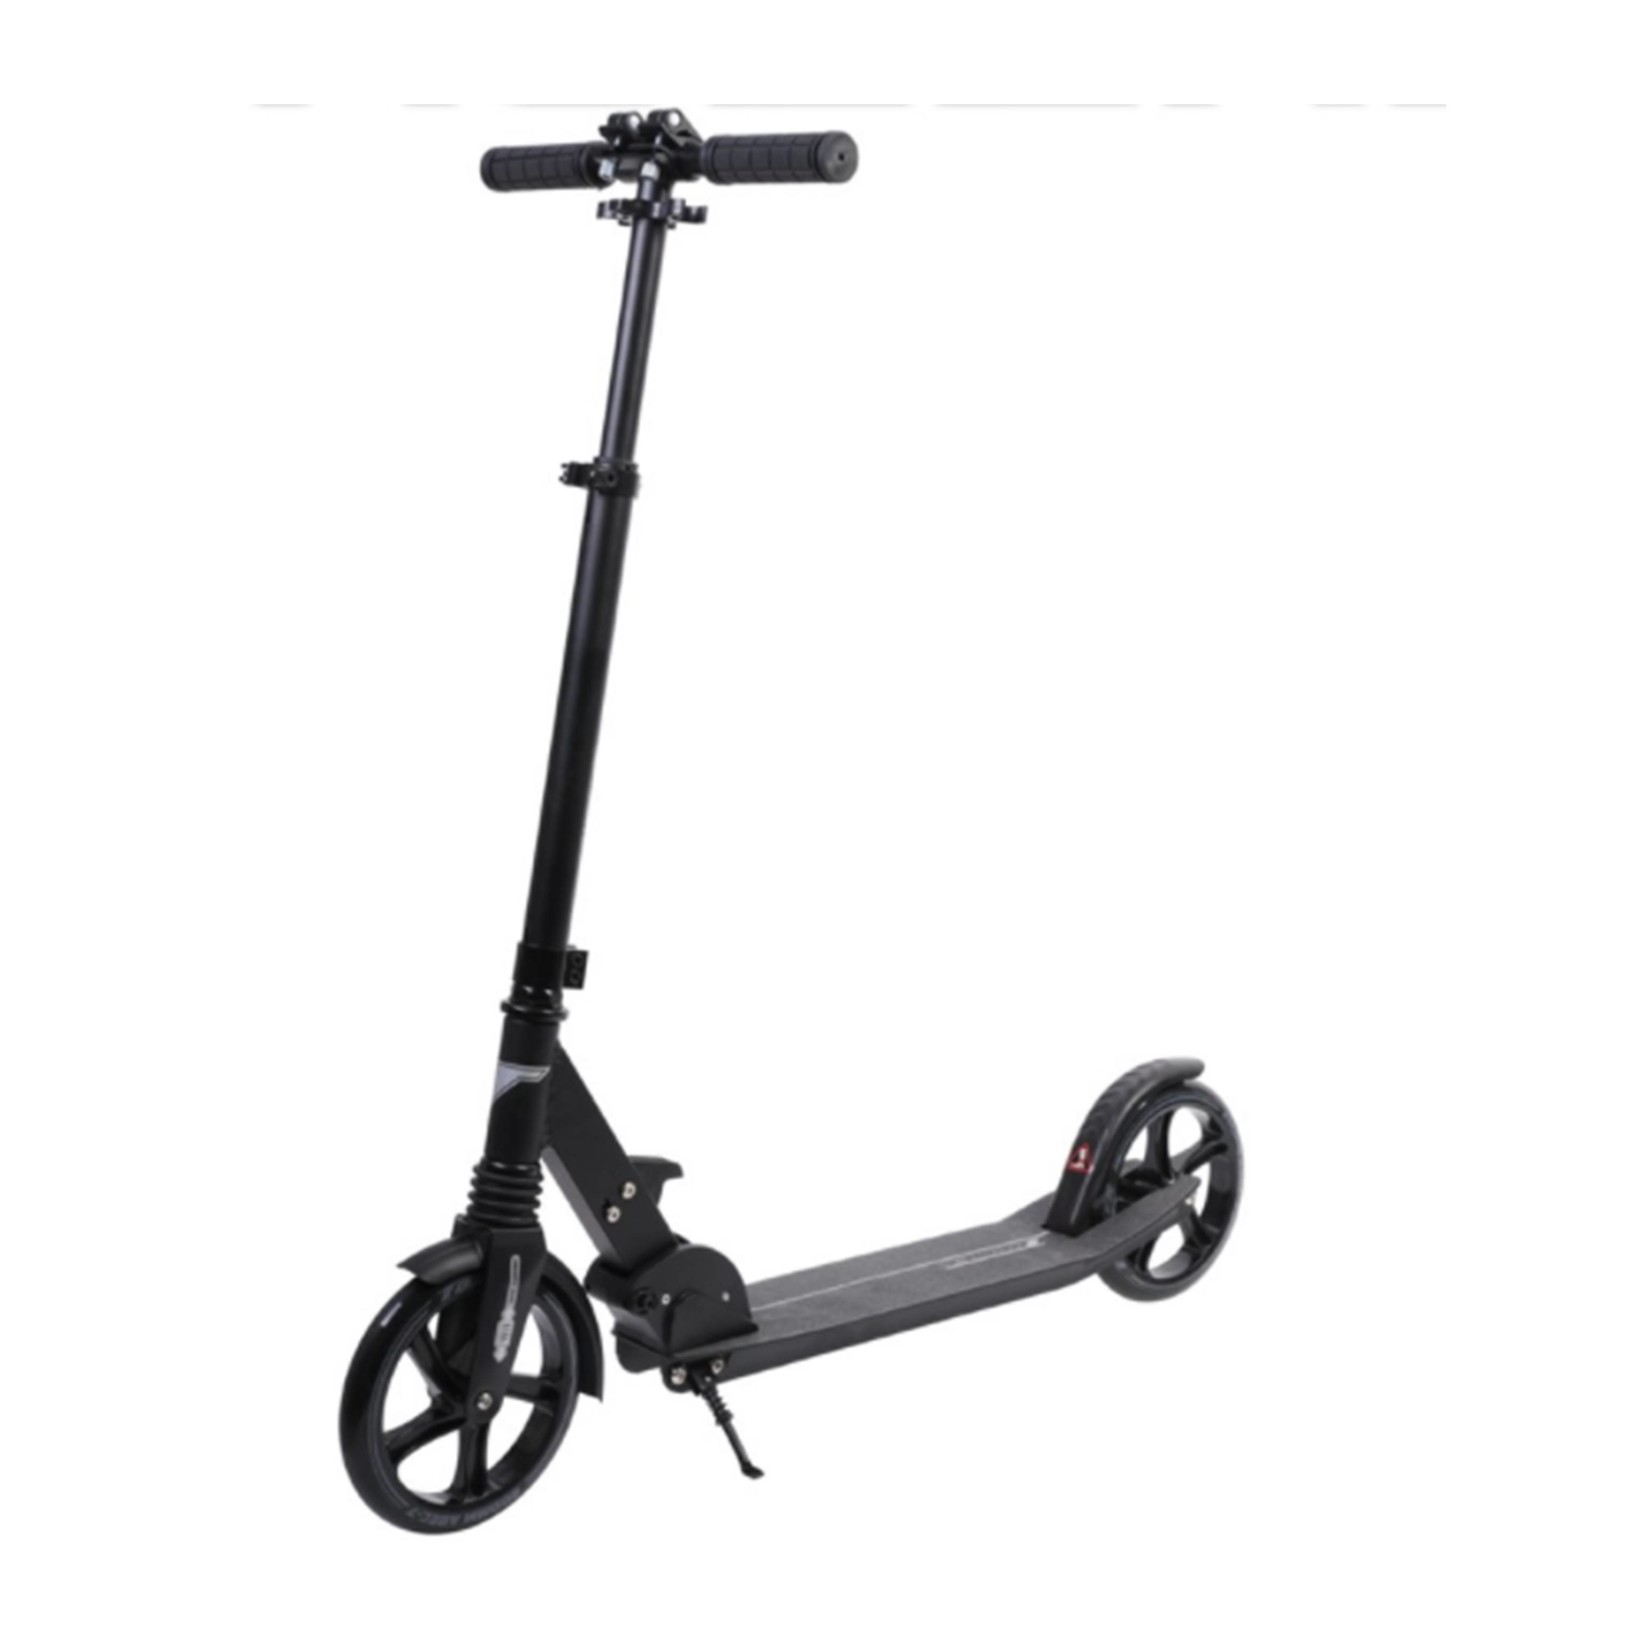 PROLINE Torker Proline Commuter Scooter